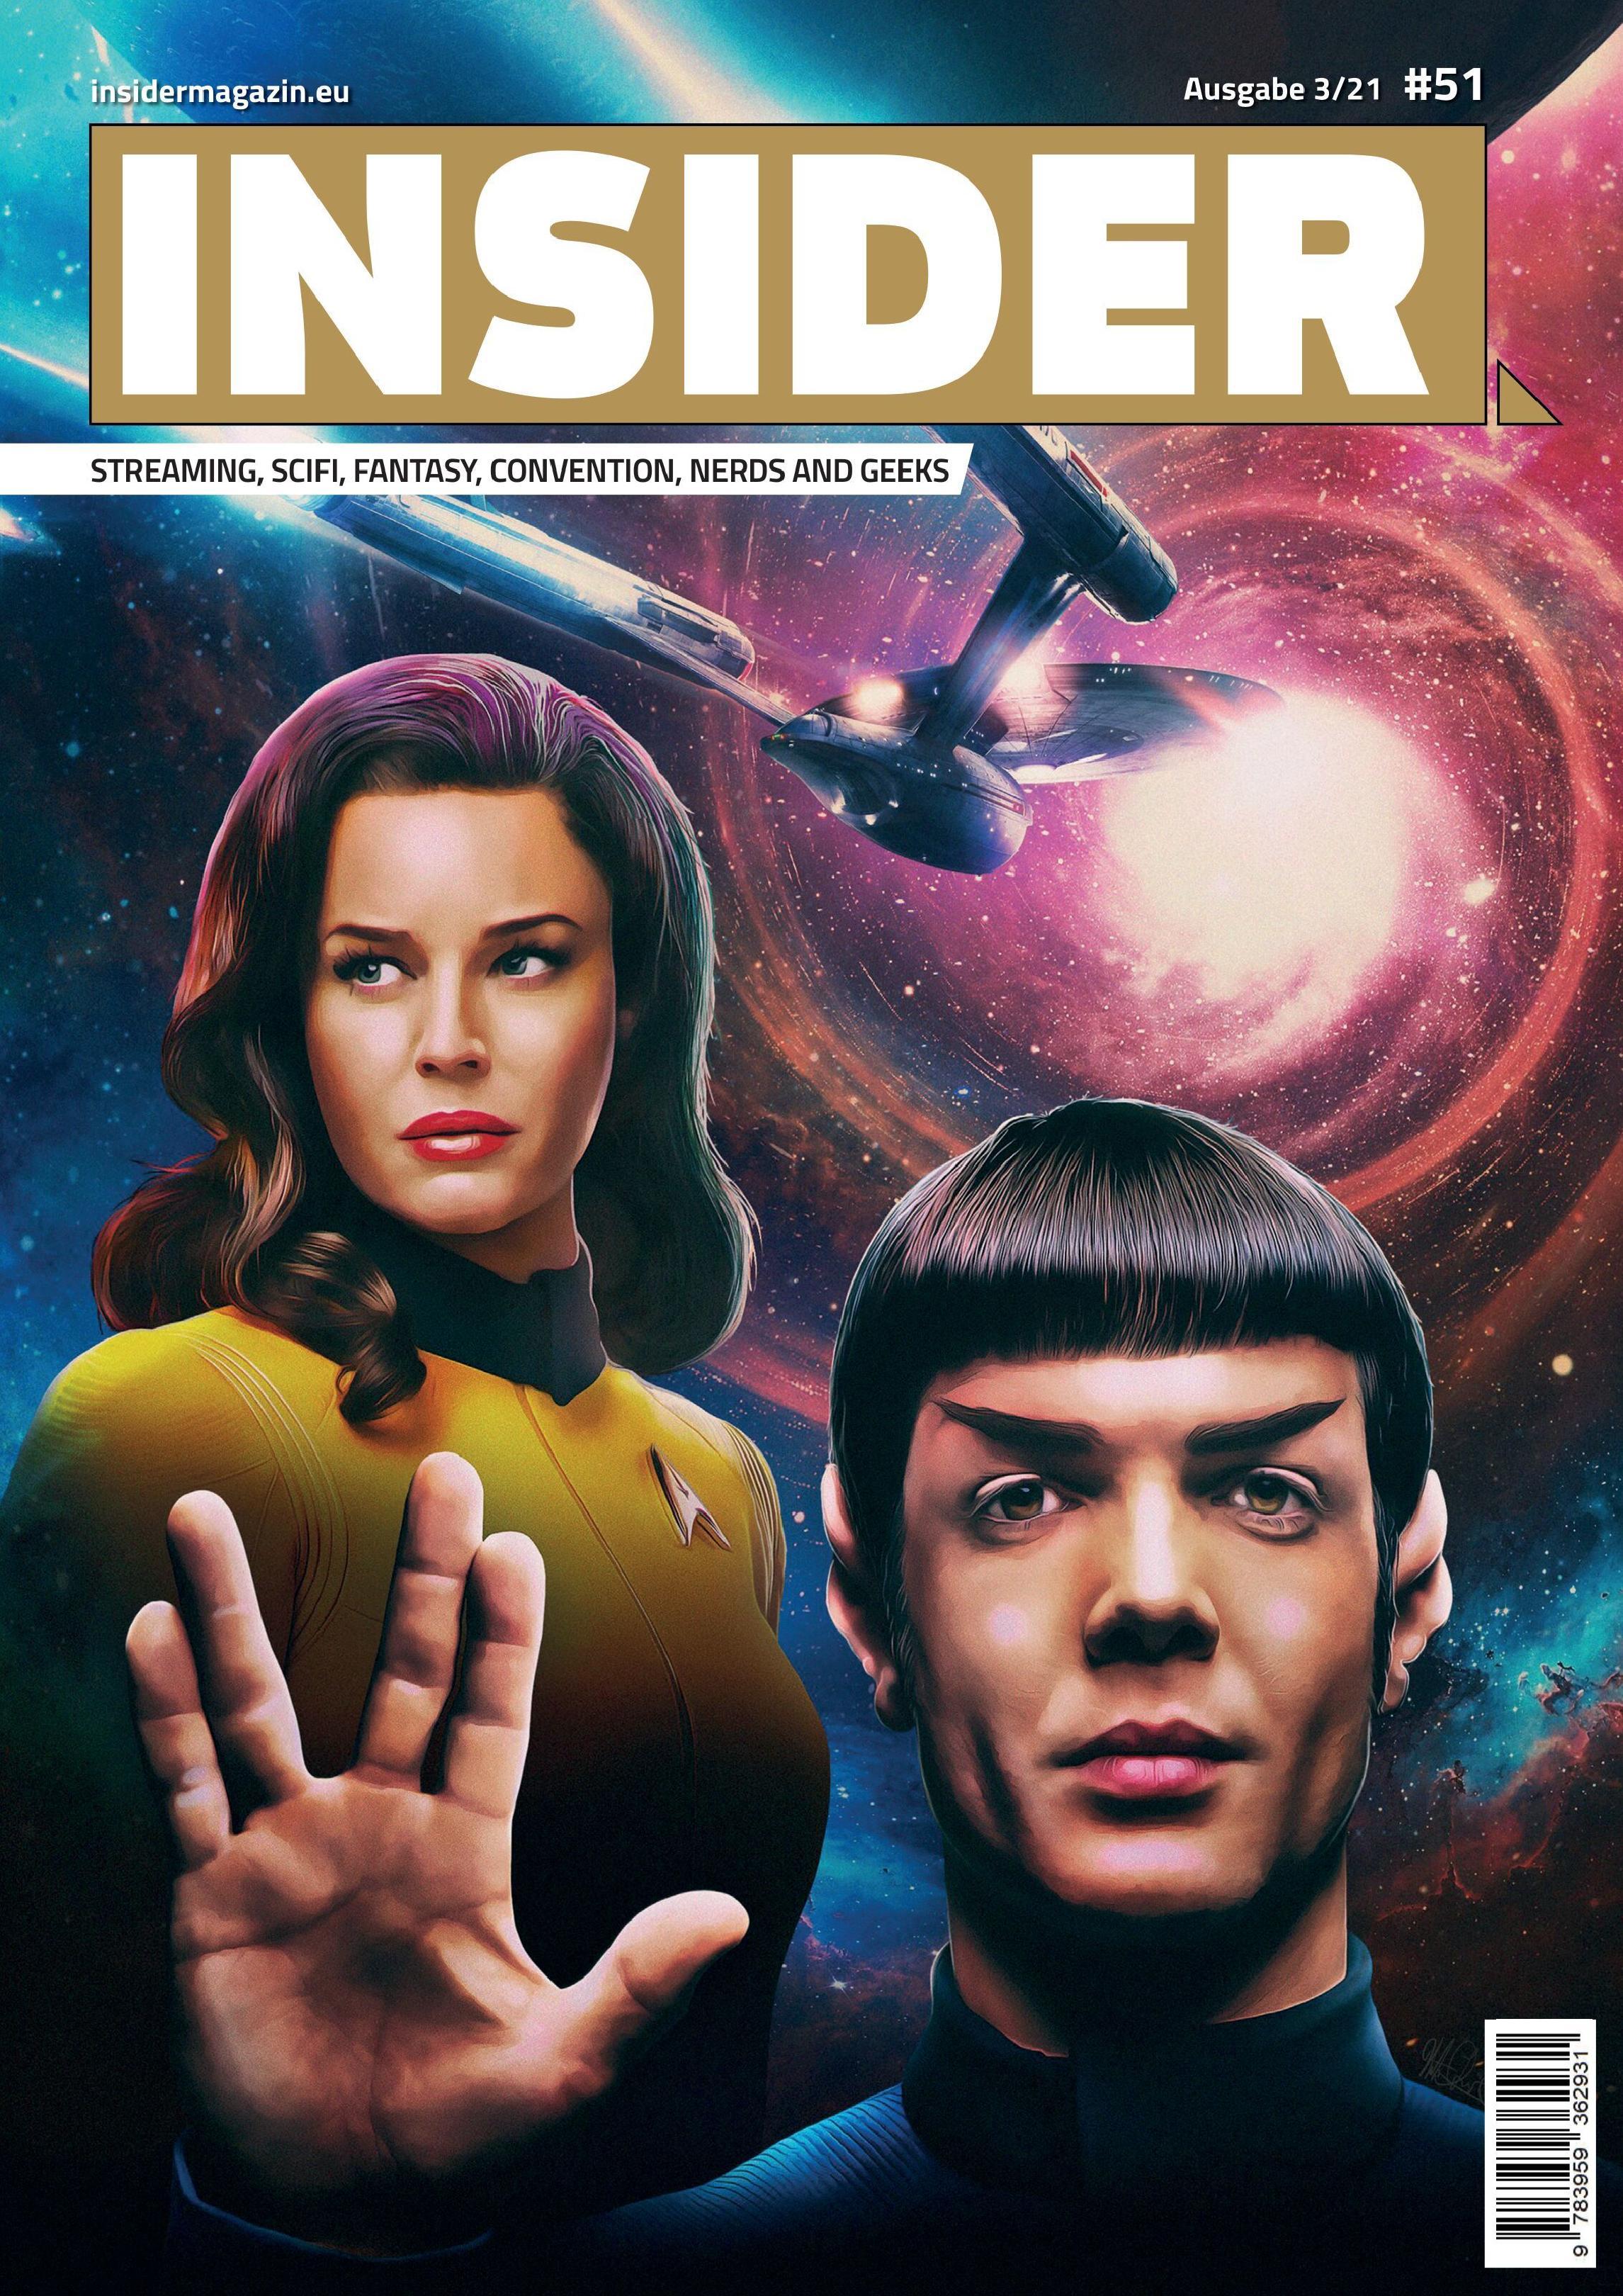 11+ Magazine und Zeitschriften free Download kostenlos — Page 8 Galerie